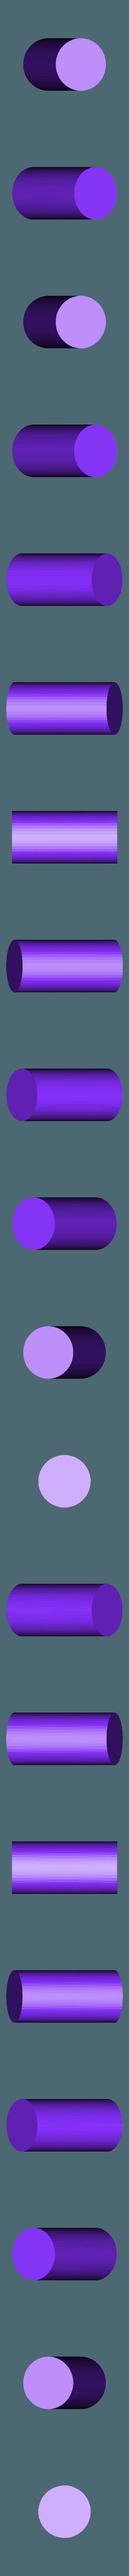 rivet1.stl Télécharger fichier STL gratuit Point de chute 1 • Objet pour imprimante 3D, Theshort